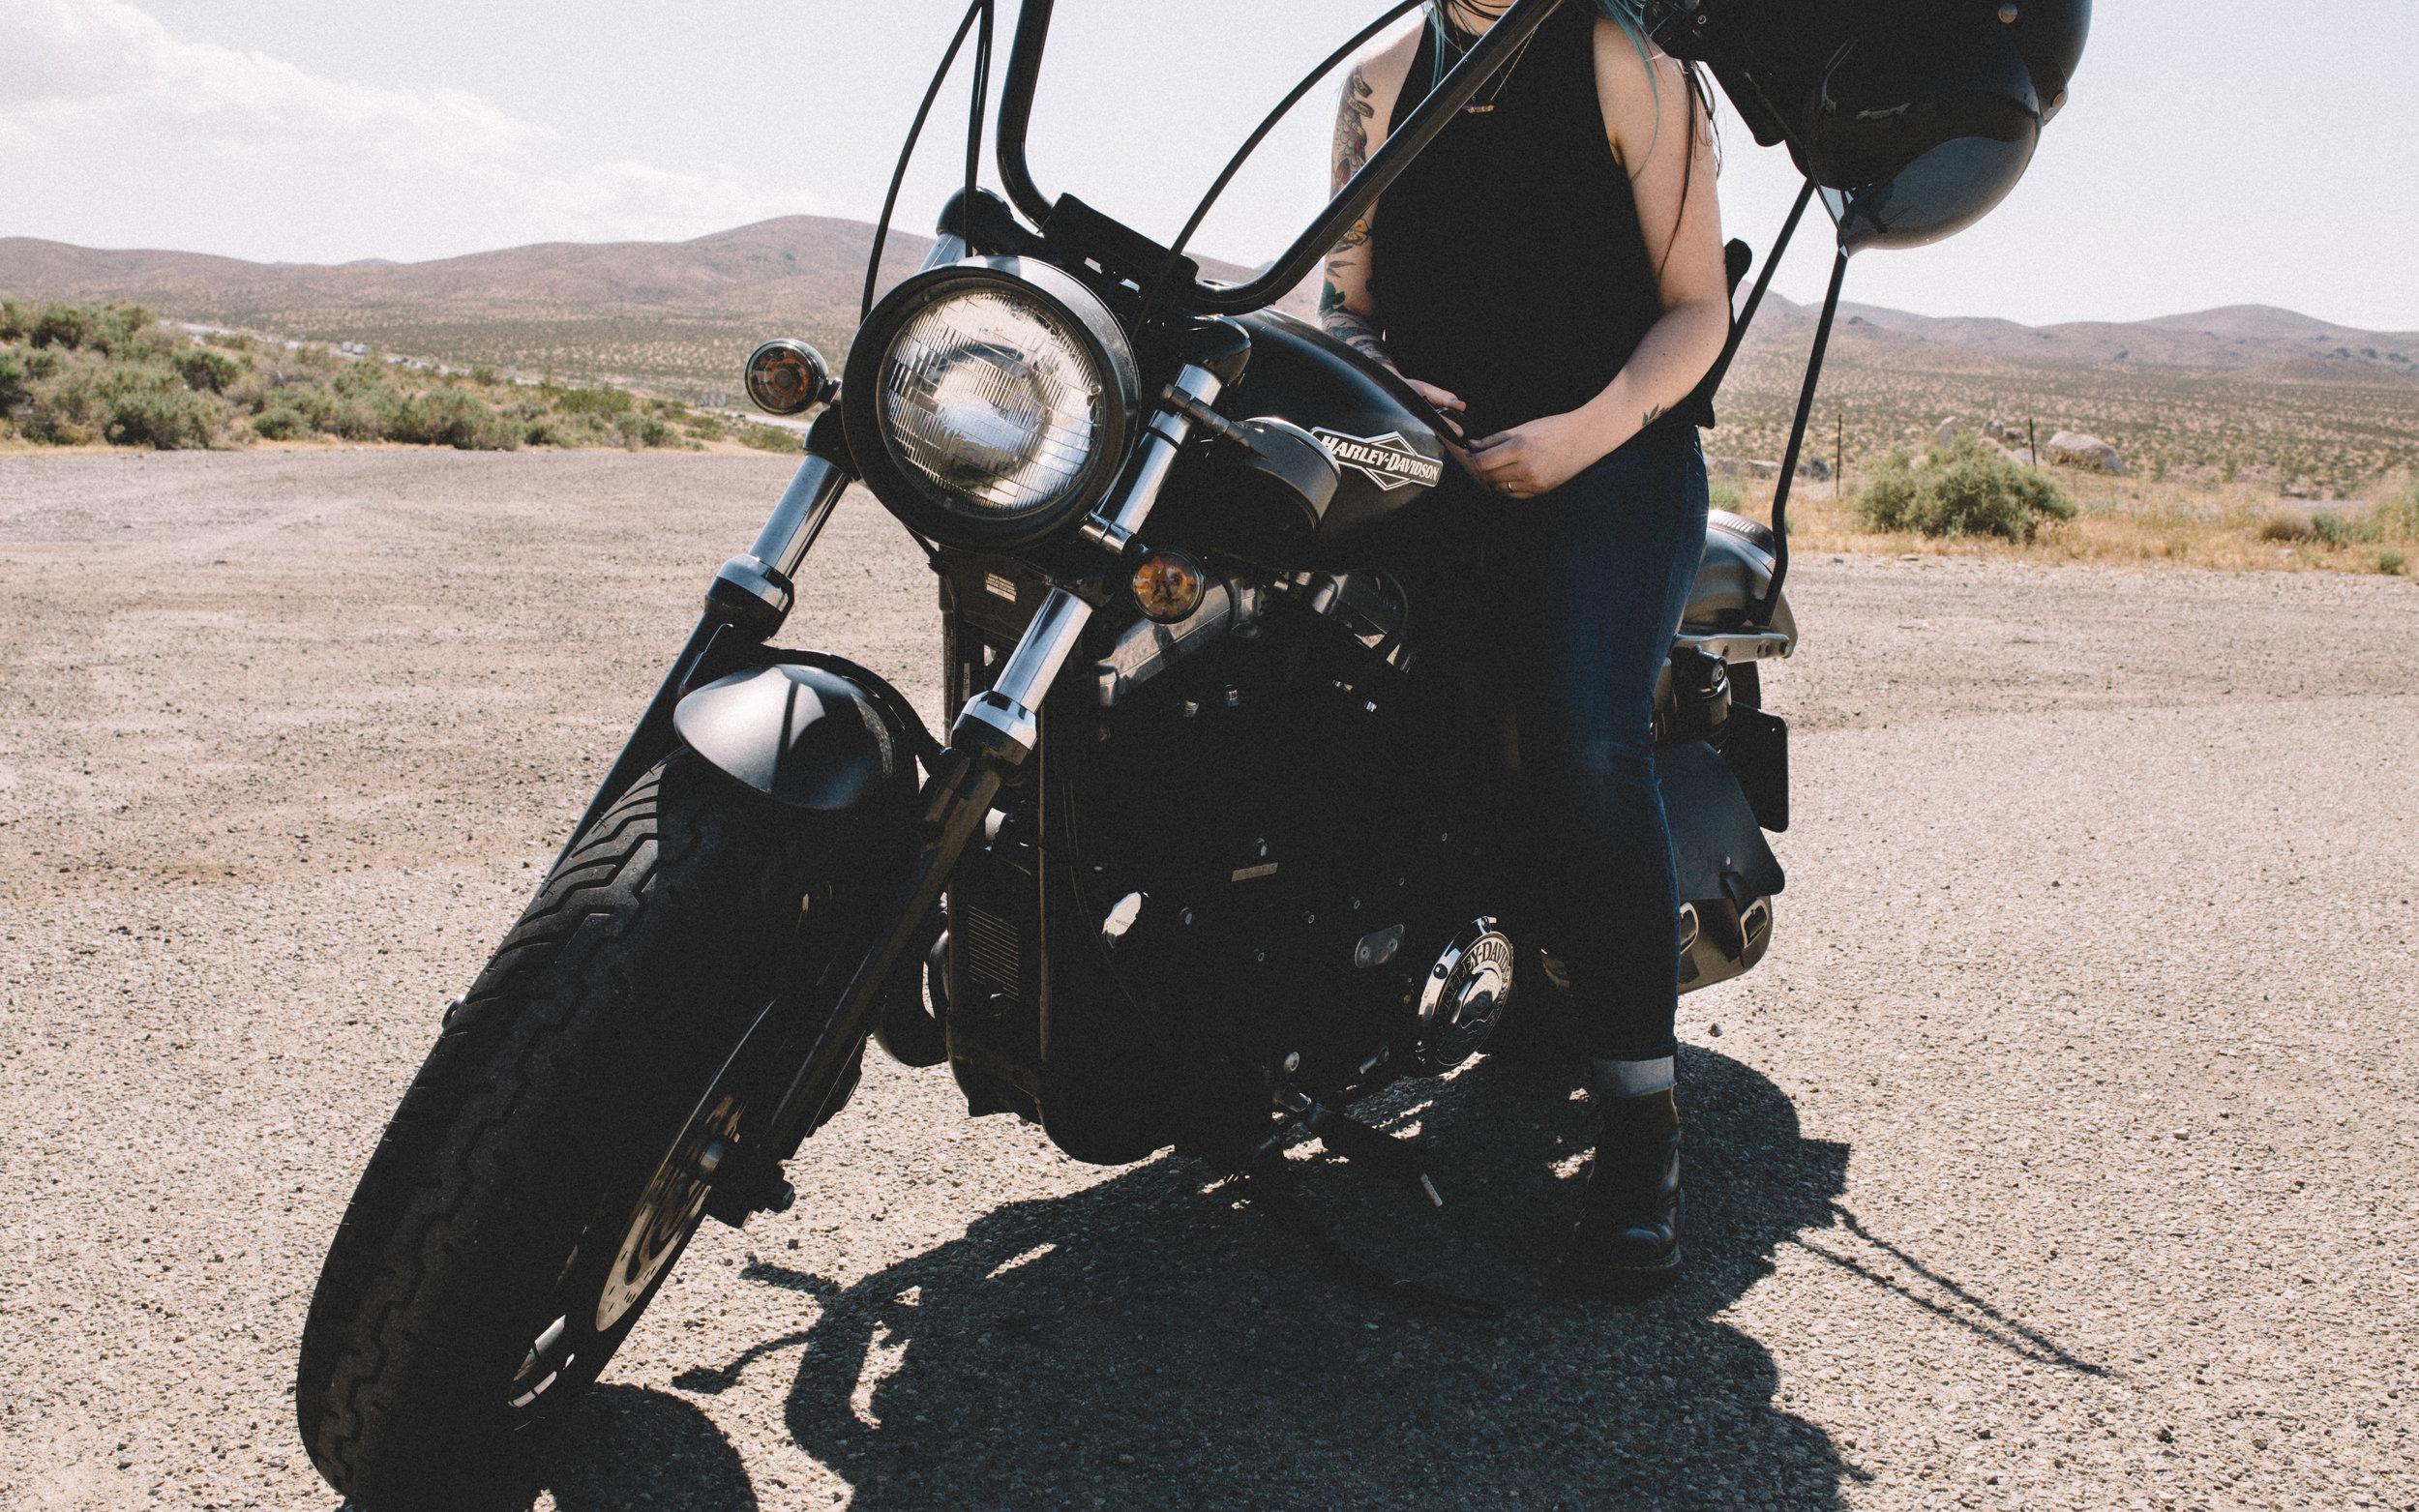 Harley Davidson - SamErica Studios